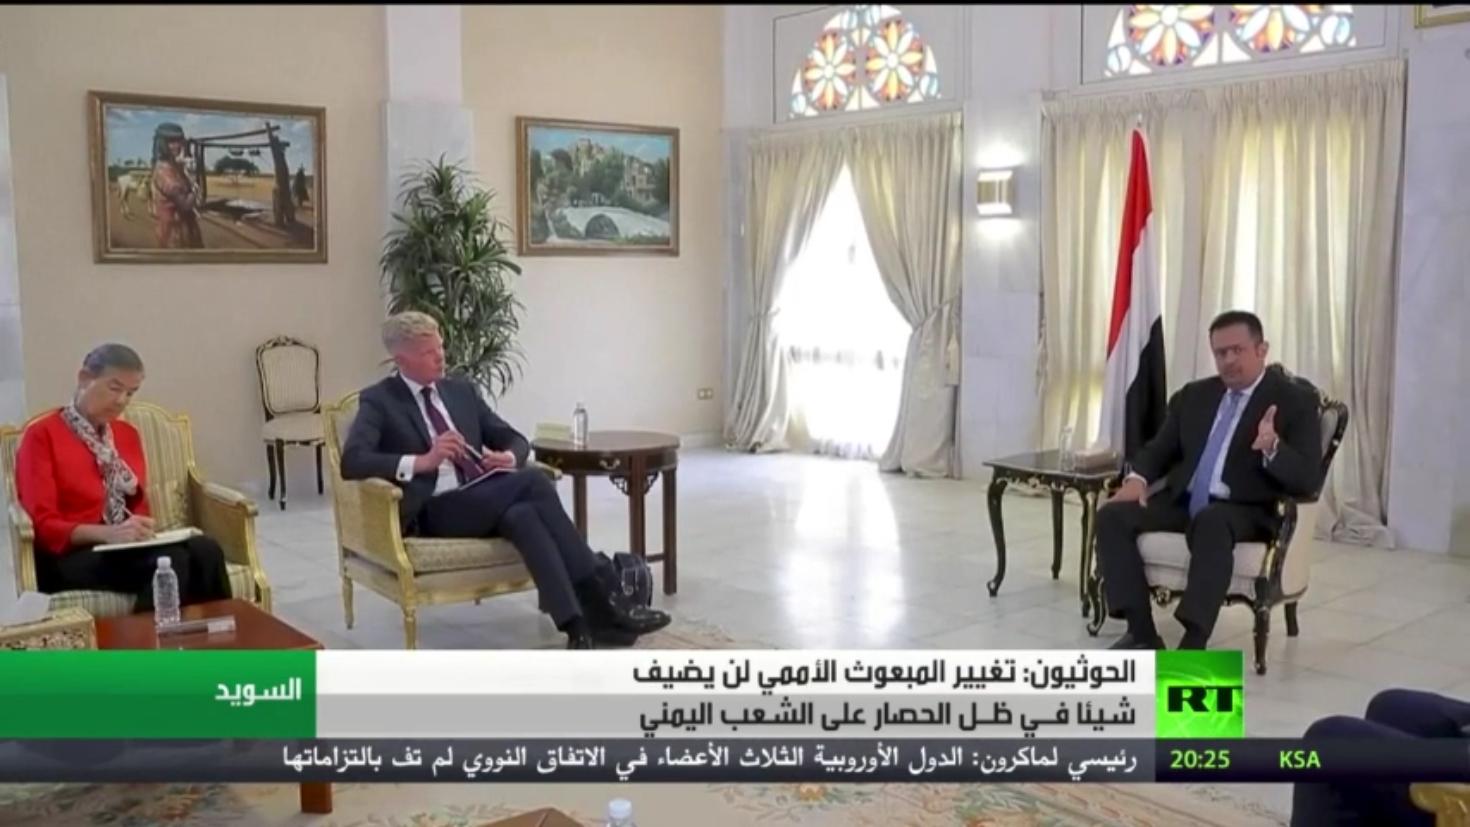 هادي يؤكد التعاون مع المبعوث الأممي لليمن